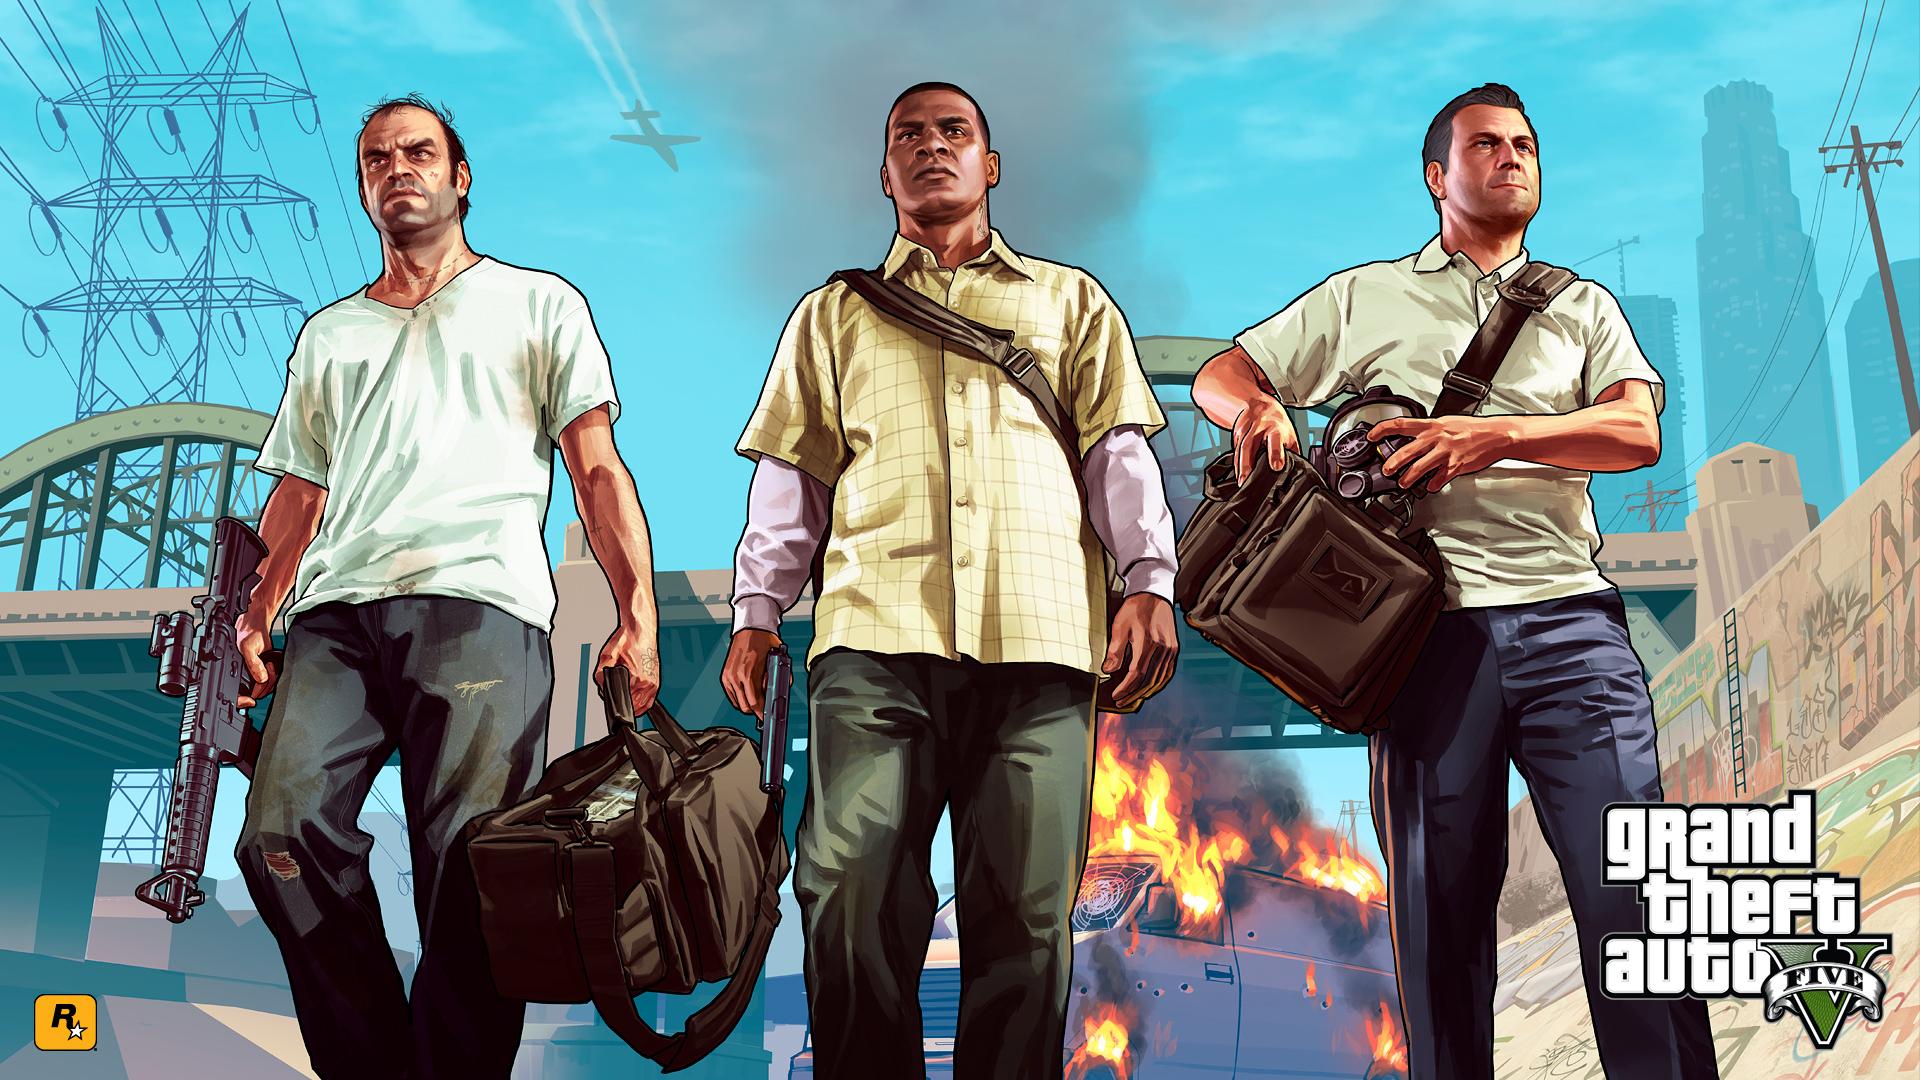 Wallpaper Gta 5 Grand Theft Auto V Rockstar 2 Wallpapers 1920x1080